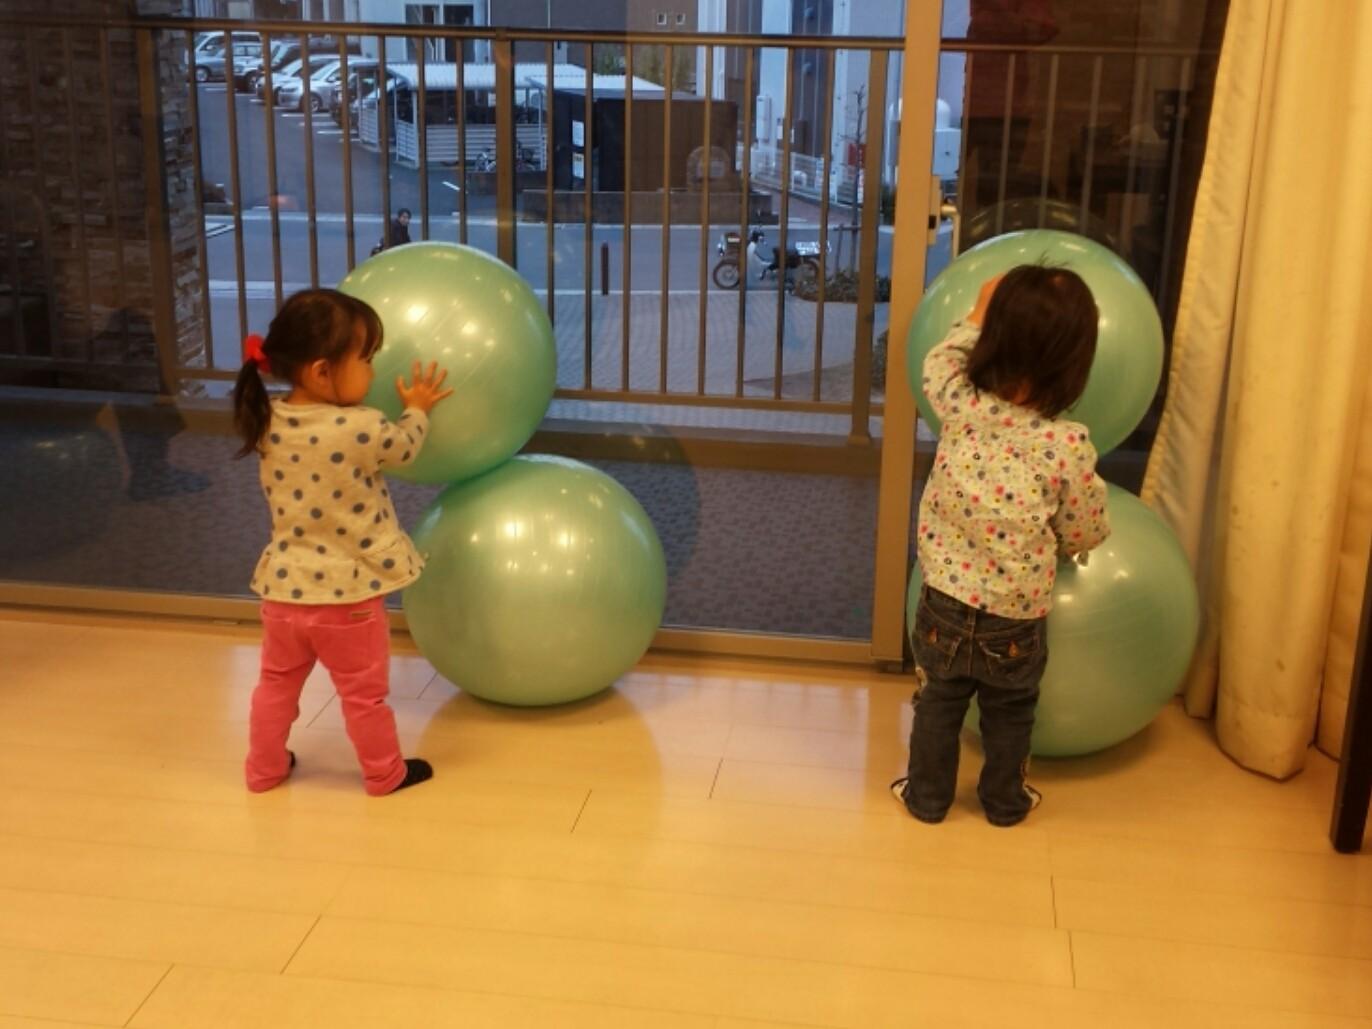 マンションの集会室に集まって、スタッフさんと最終リハーサル。終わったあと、子供たちが楽しそうに遊んでました。